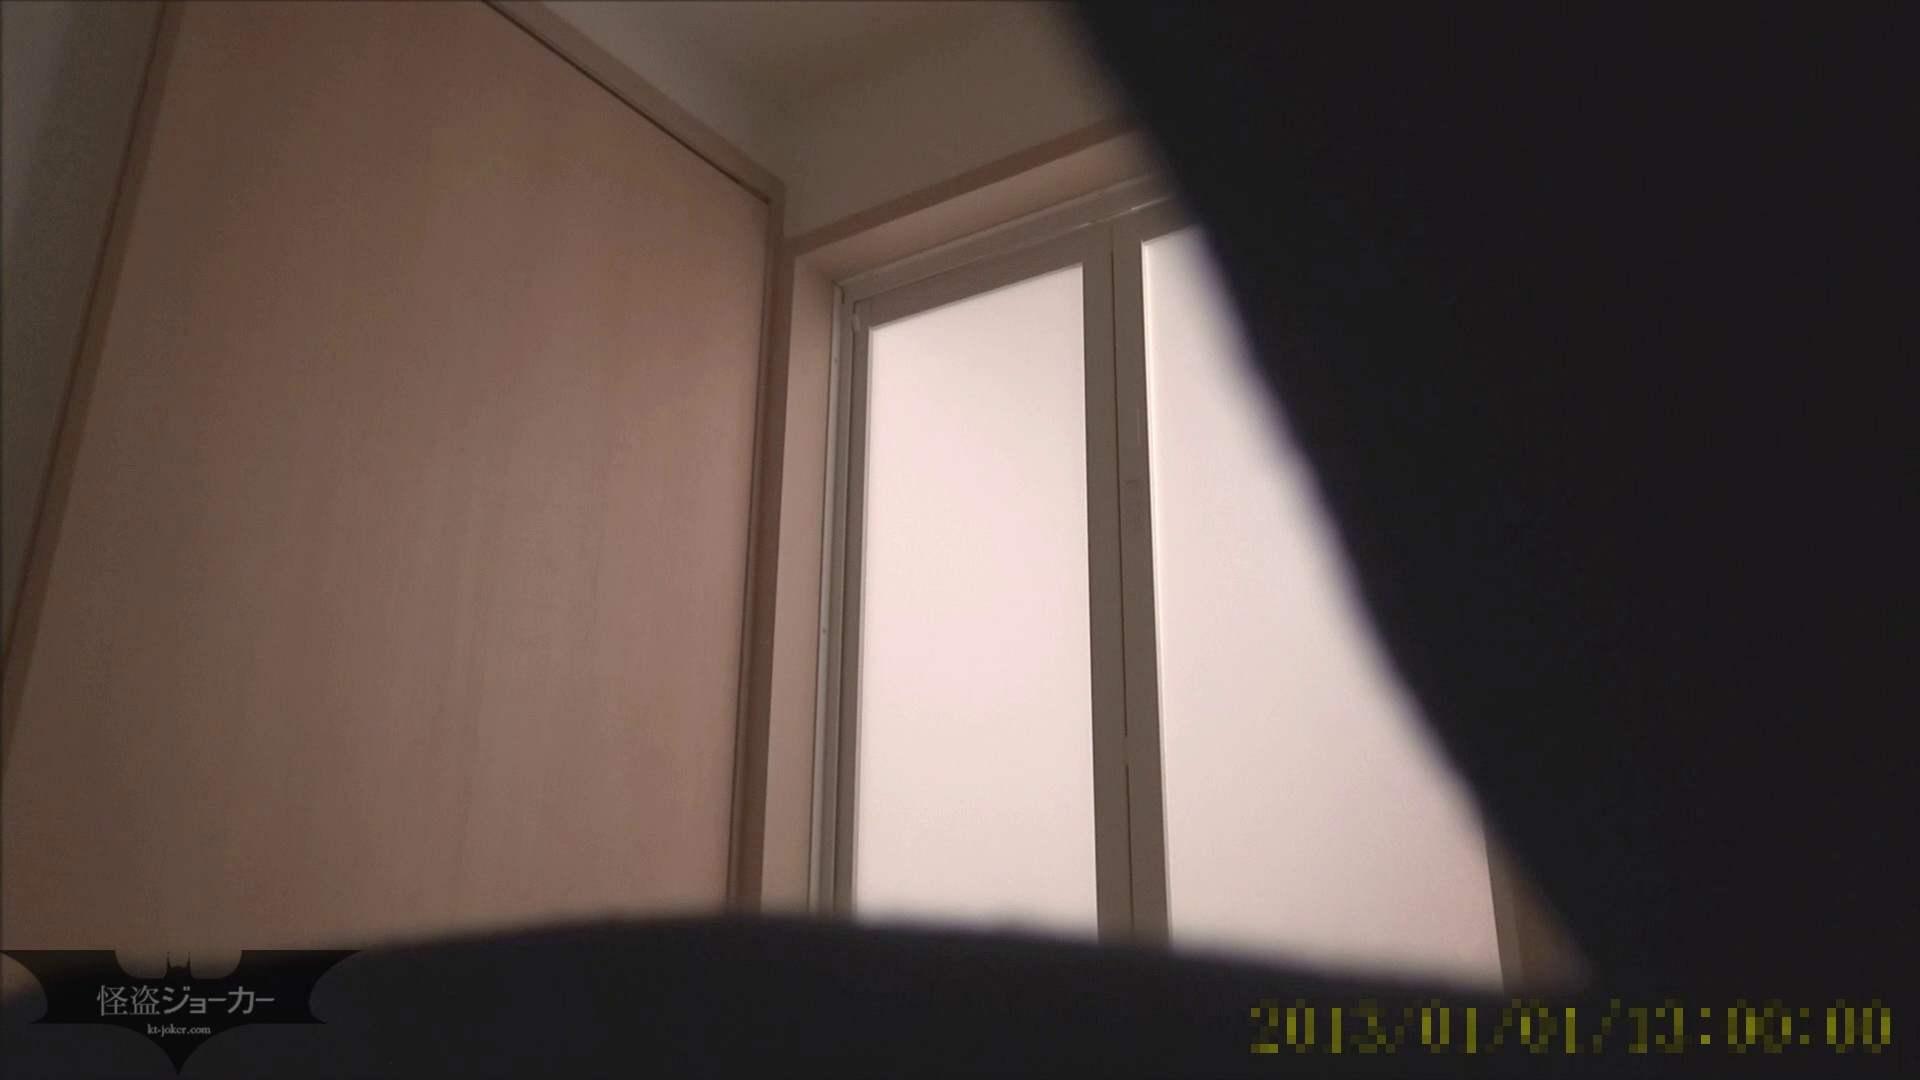 【未公開】vol.103  {黒髪→茶髪ボブに変身}美巨乳アミちゃん④【前編】 高画質 セックス画像 92画像 45